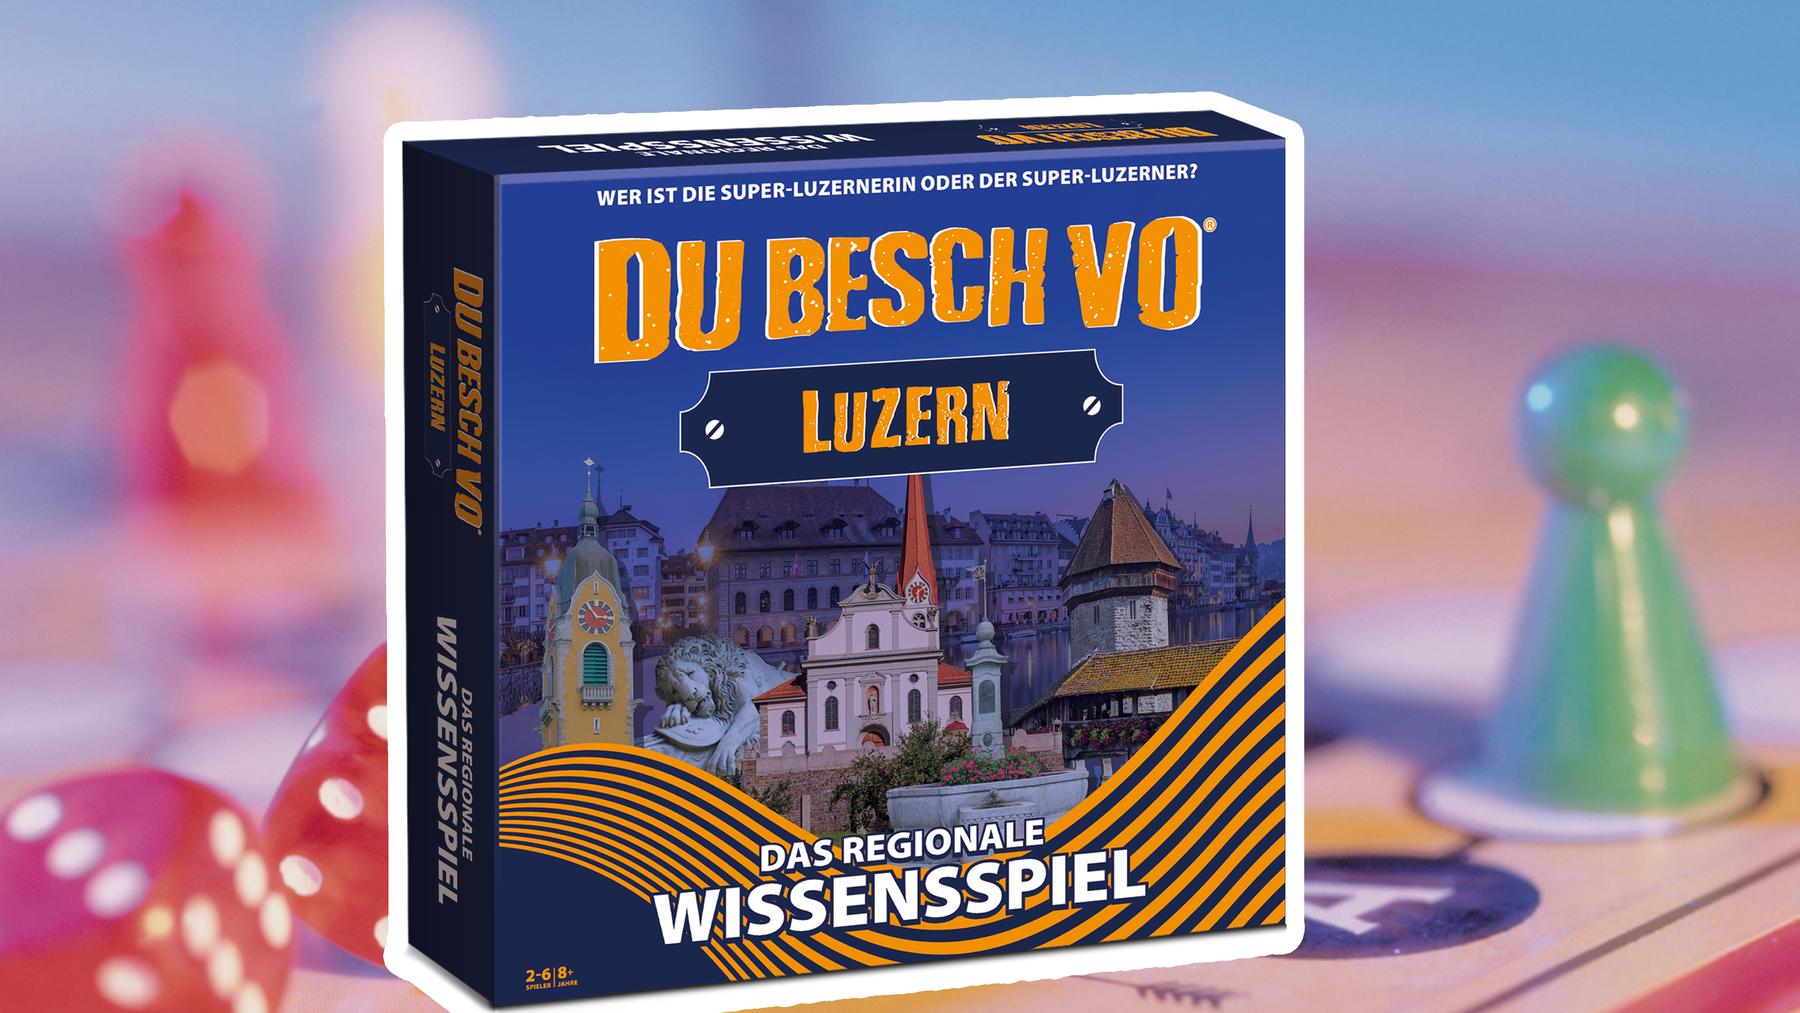 Du besch vo - Luzern